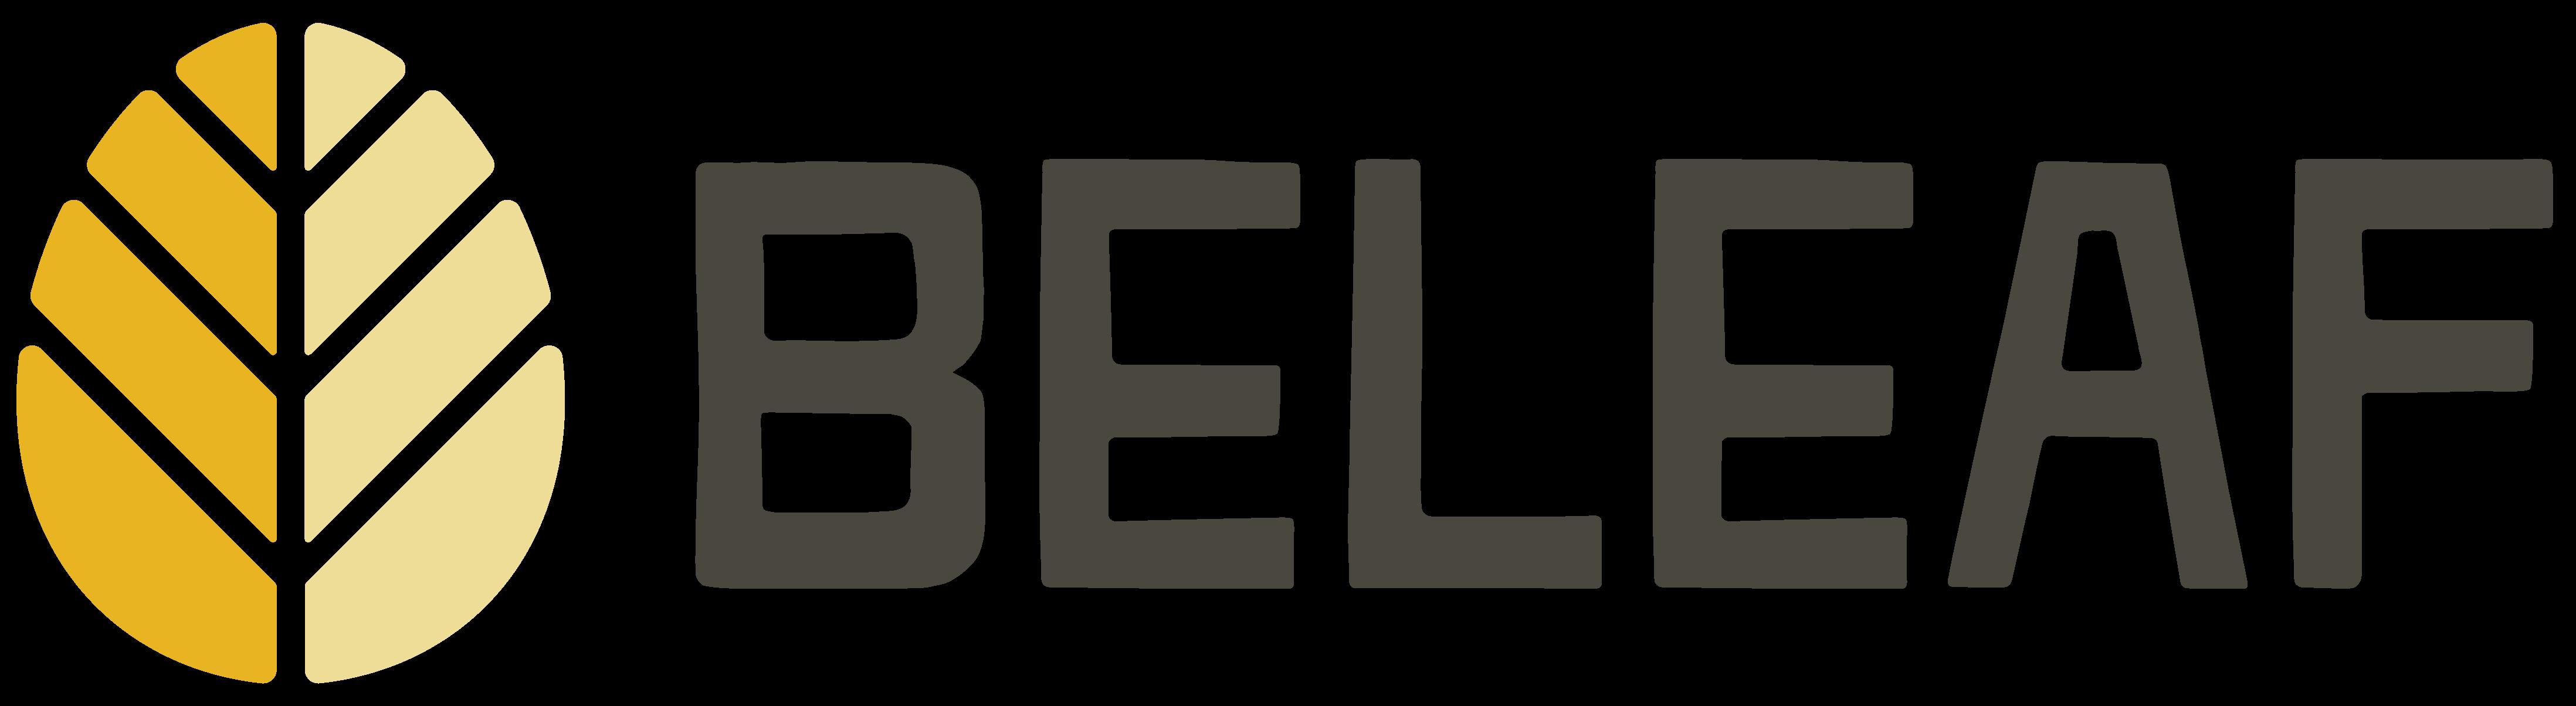 BELEAF-logo-summer-transparent@2x